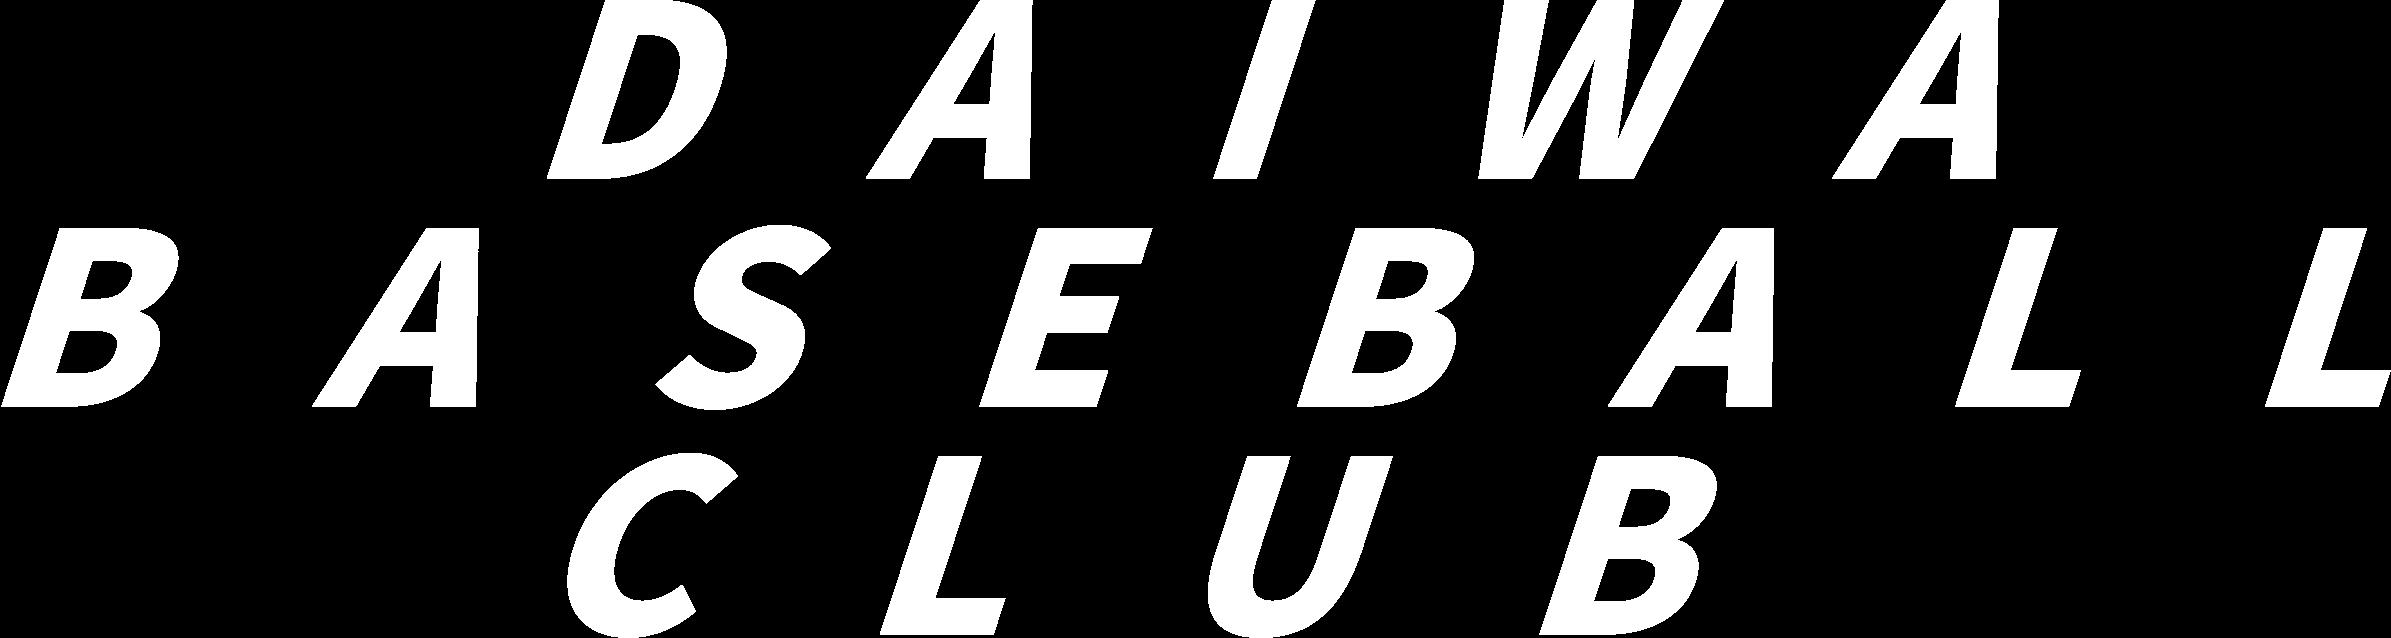 DAIWA BASEBALL CLUB